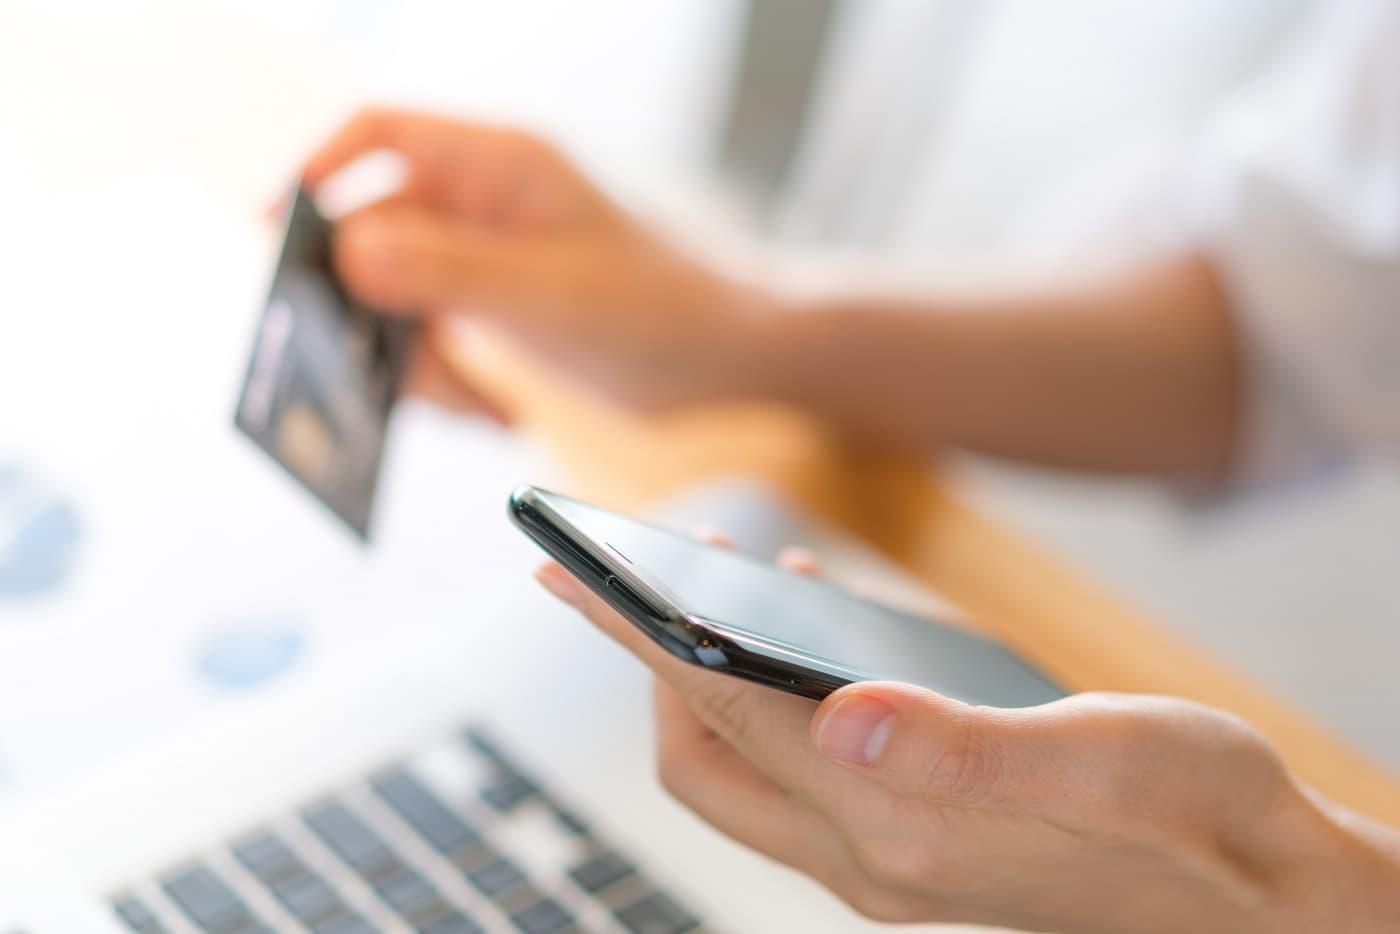 ley de pagos móvil perdido robado